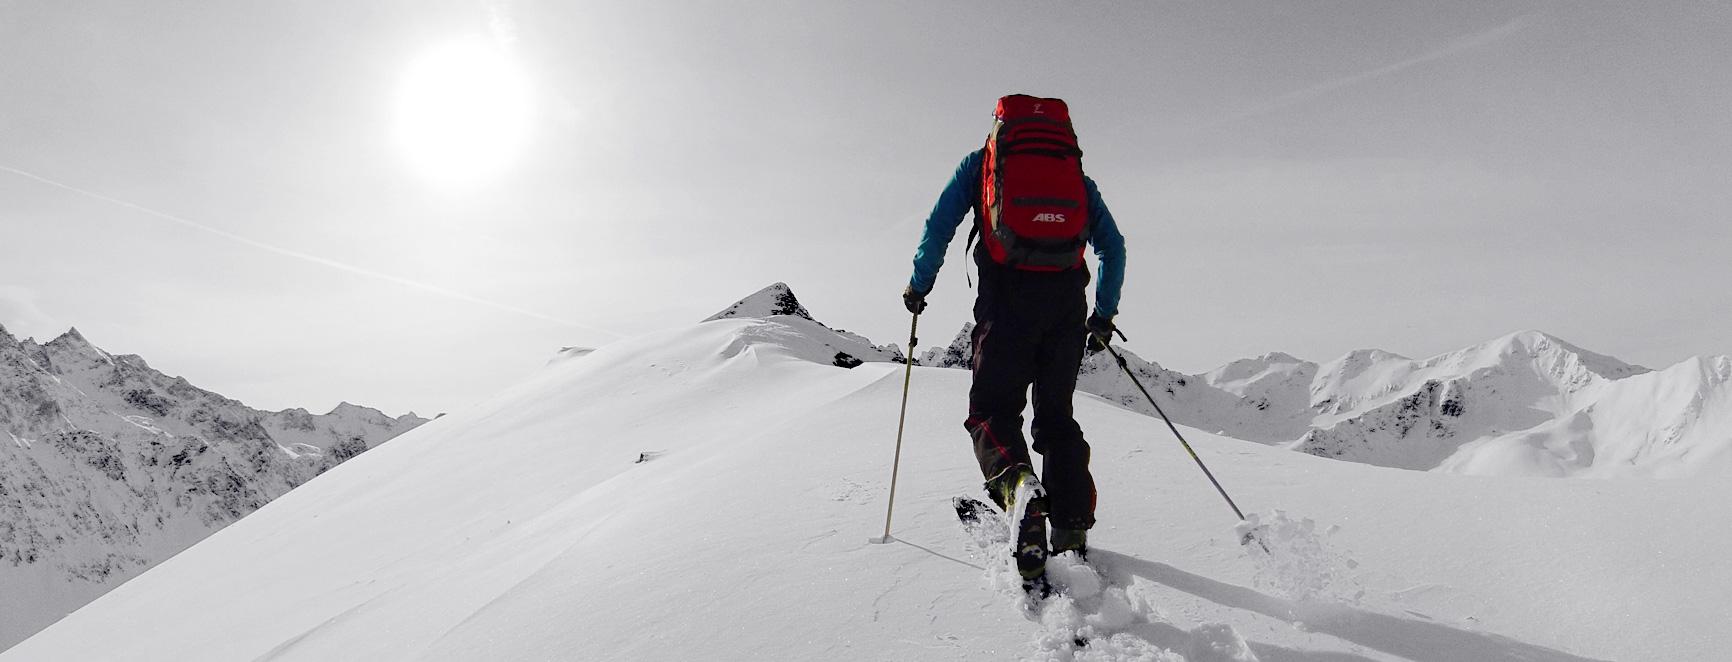 Snow Trekking Banner